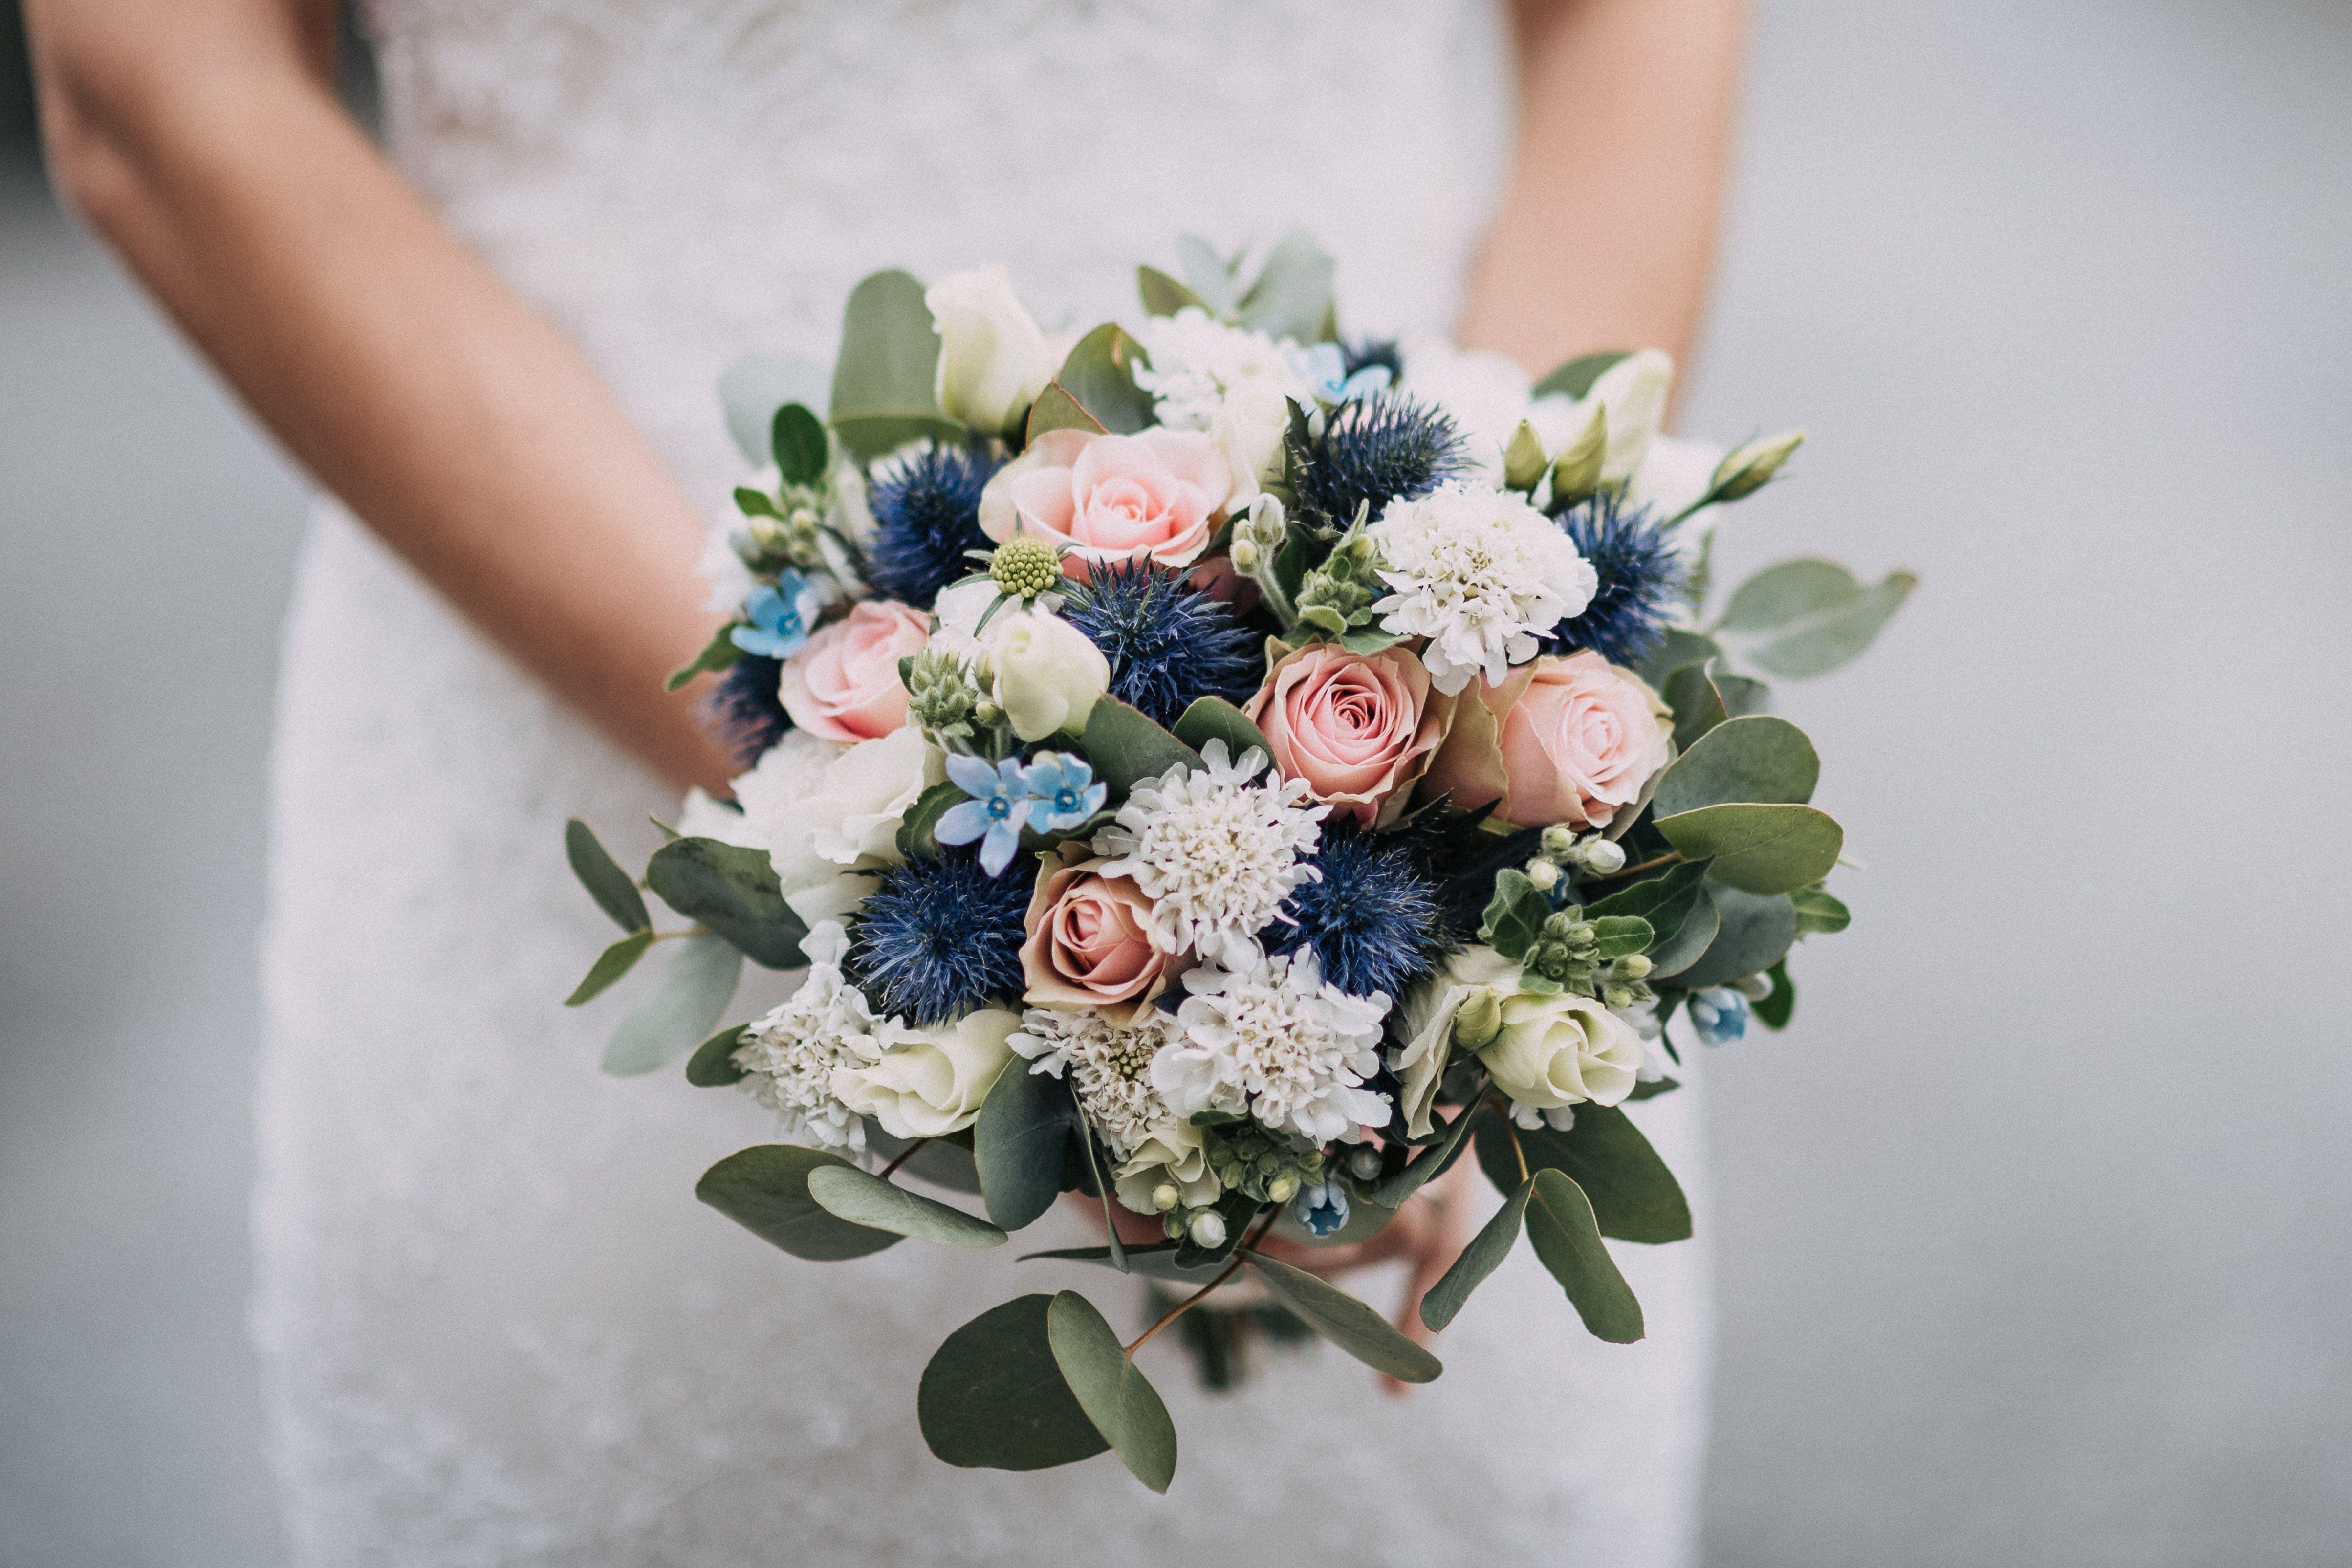 Zarter Brautstrauss In Blau Und Weiss Blumenstrauss Hochzeit Brautstrauss Braut Blumen